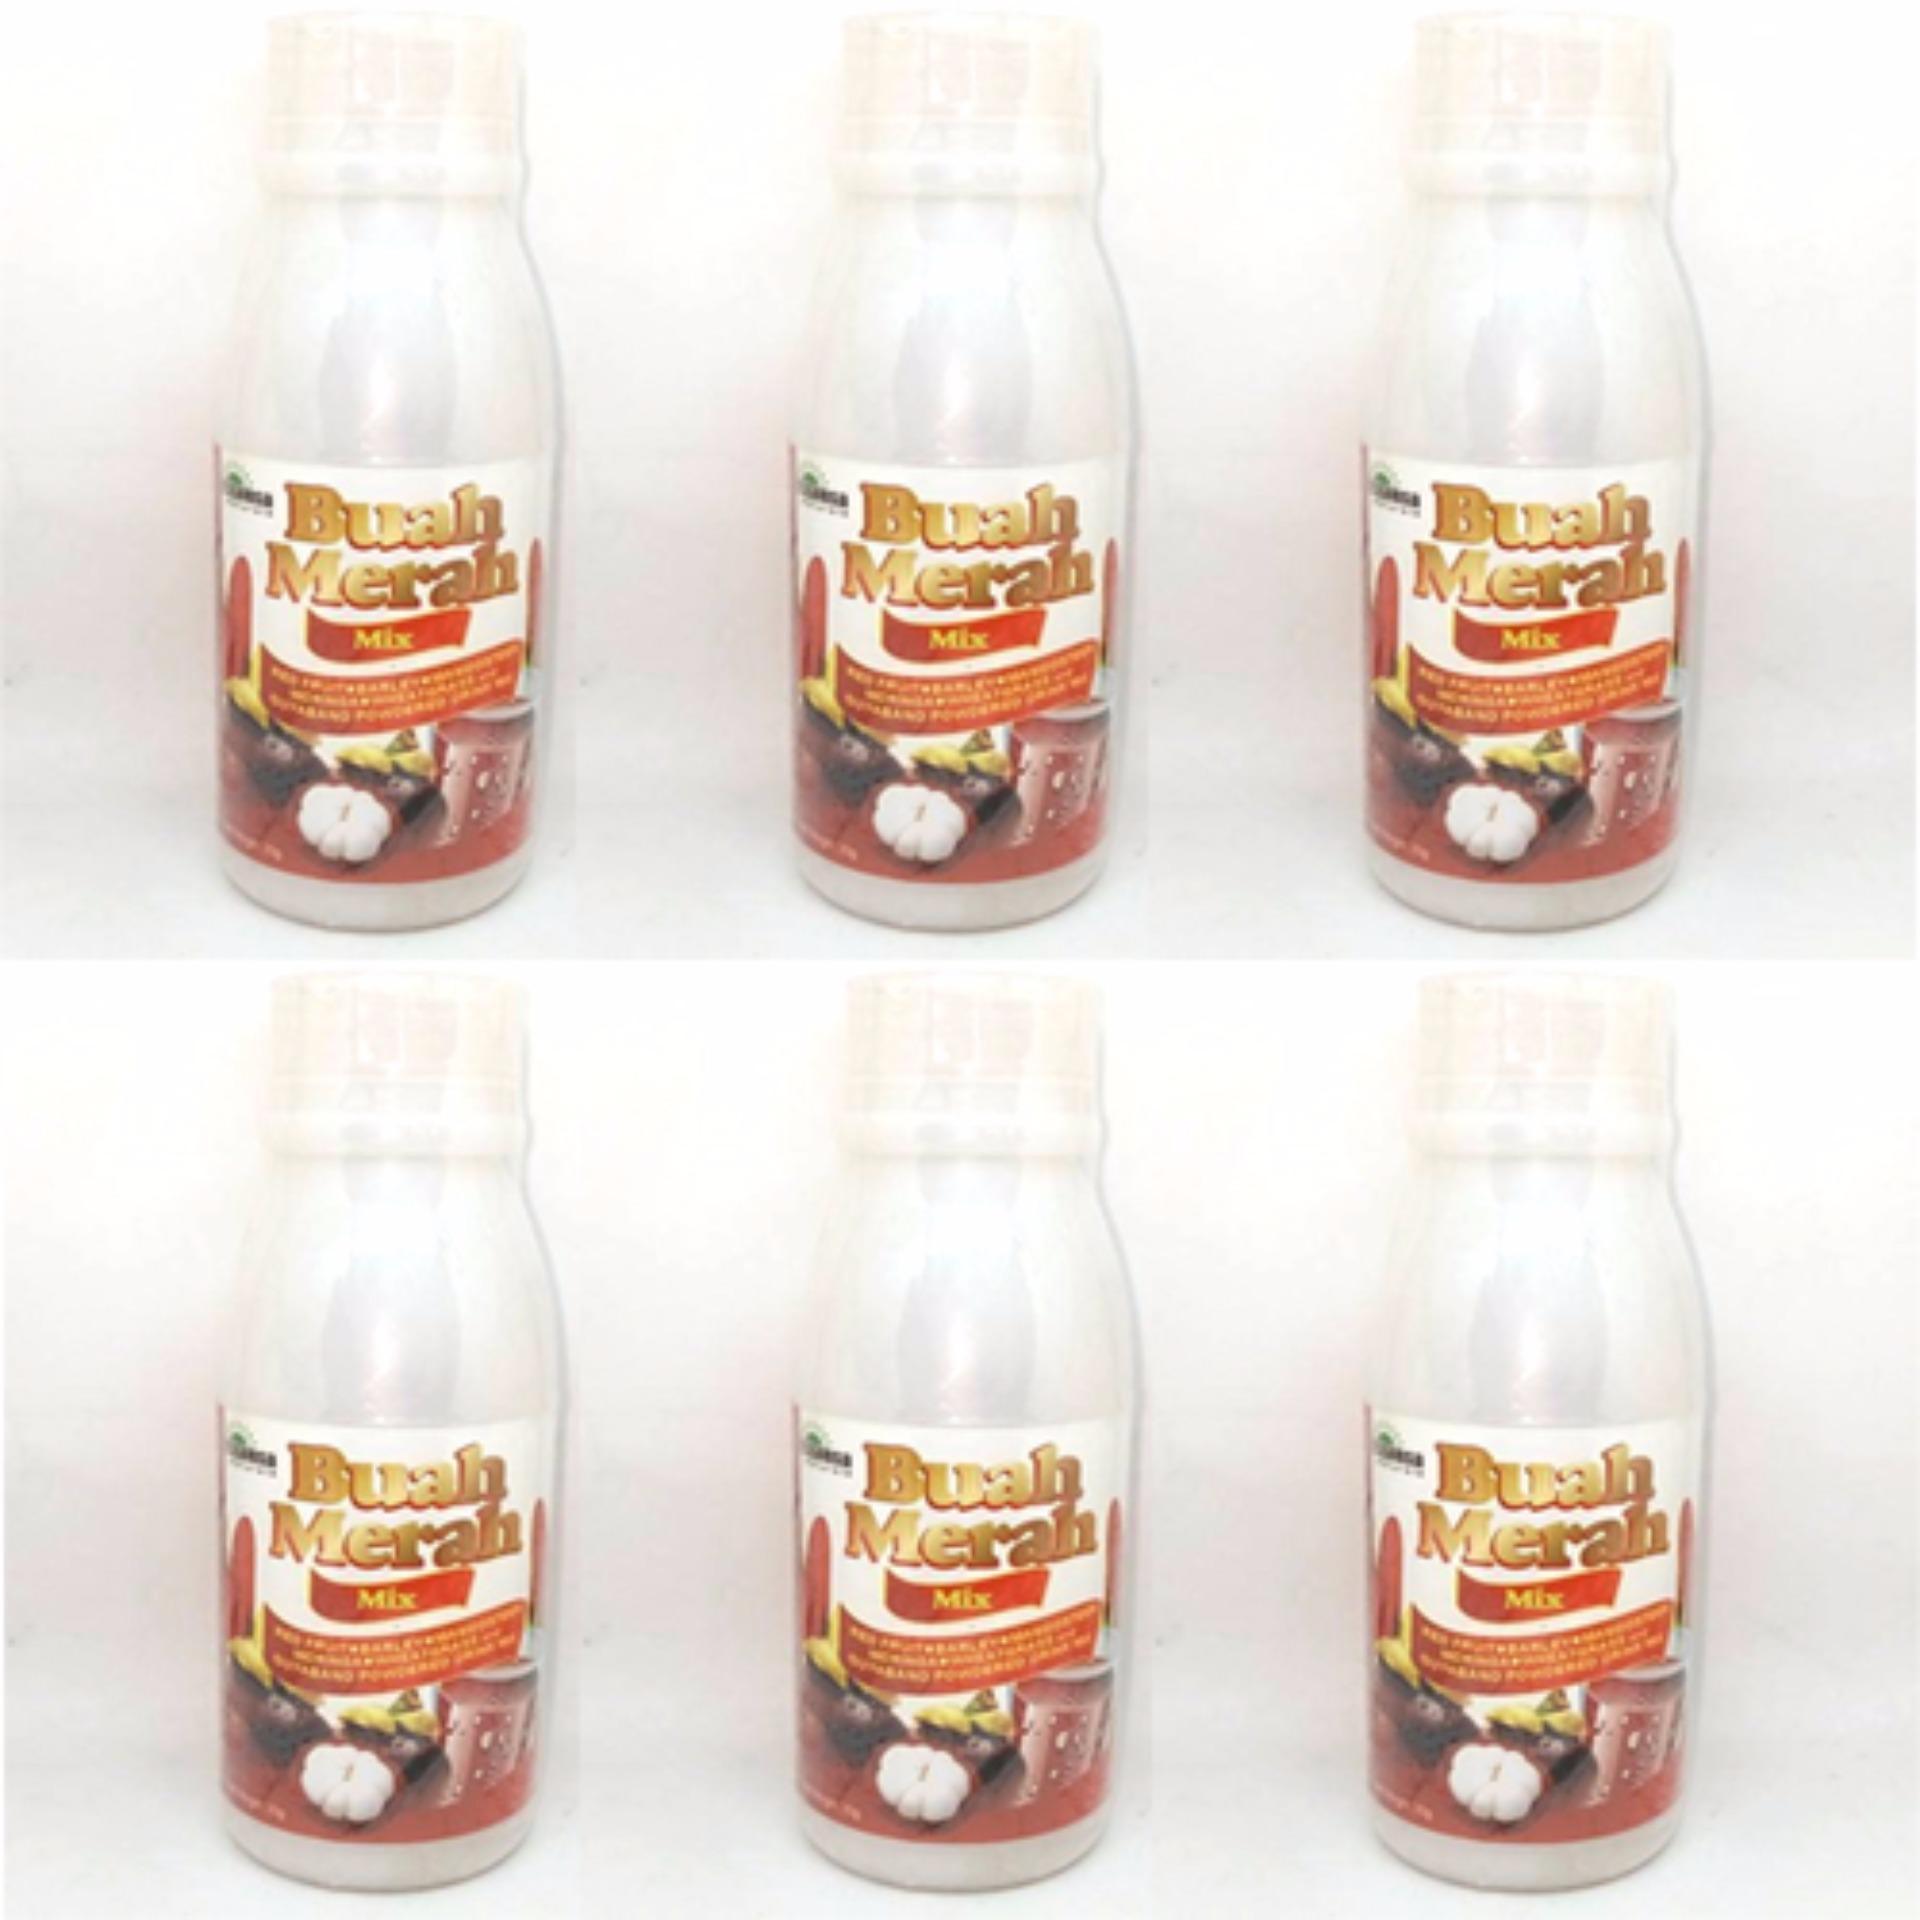 Buah Merah Mix 100% Organic Herbal Powdered Juice Drink Set of 6